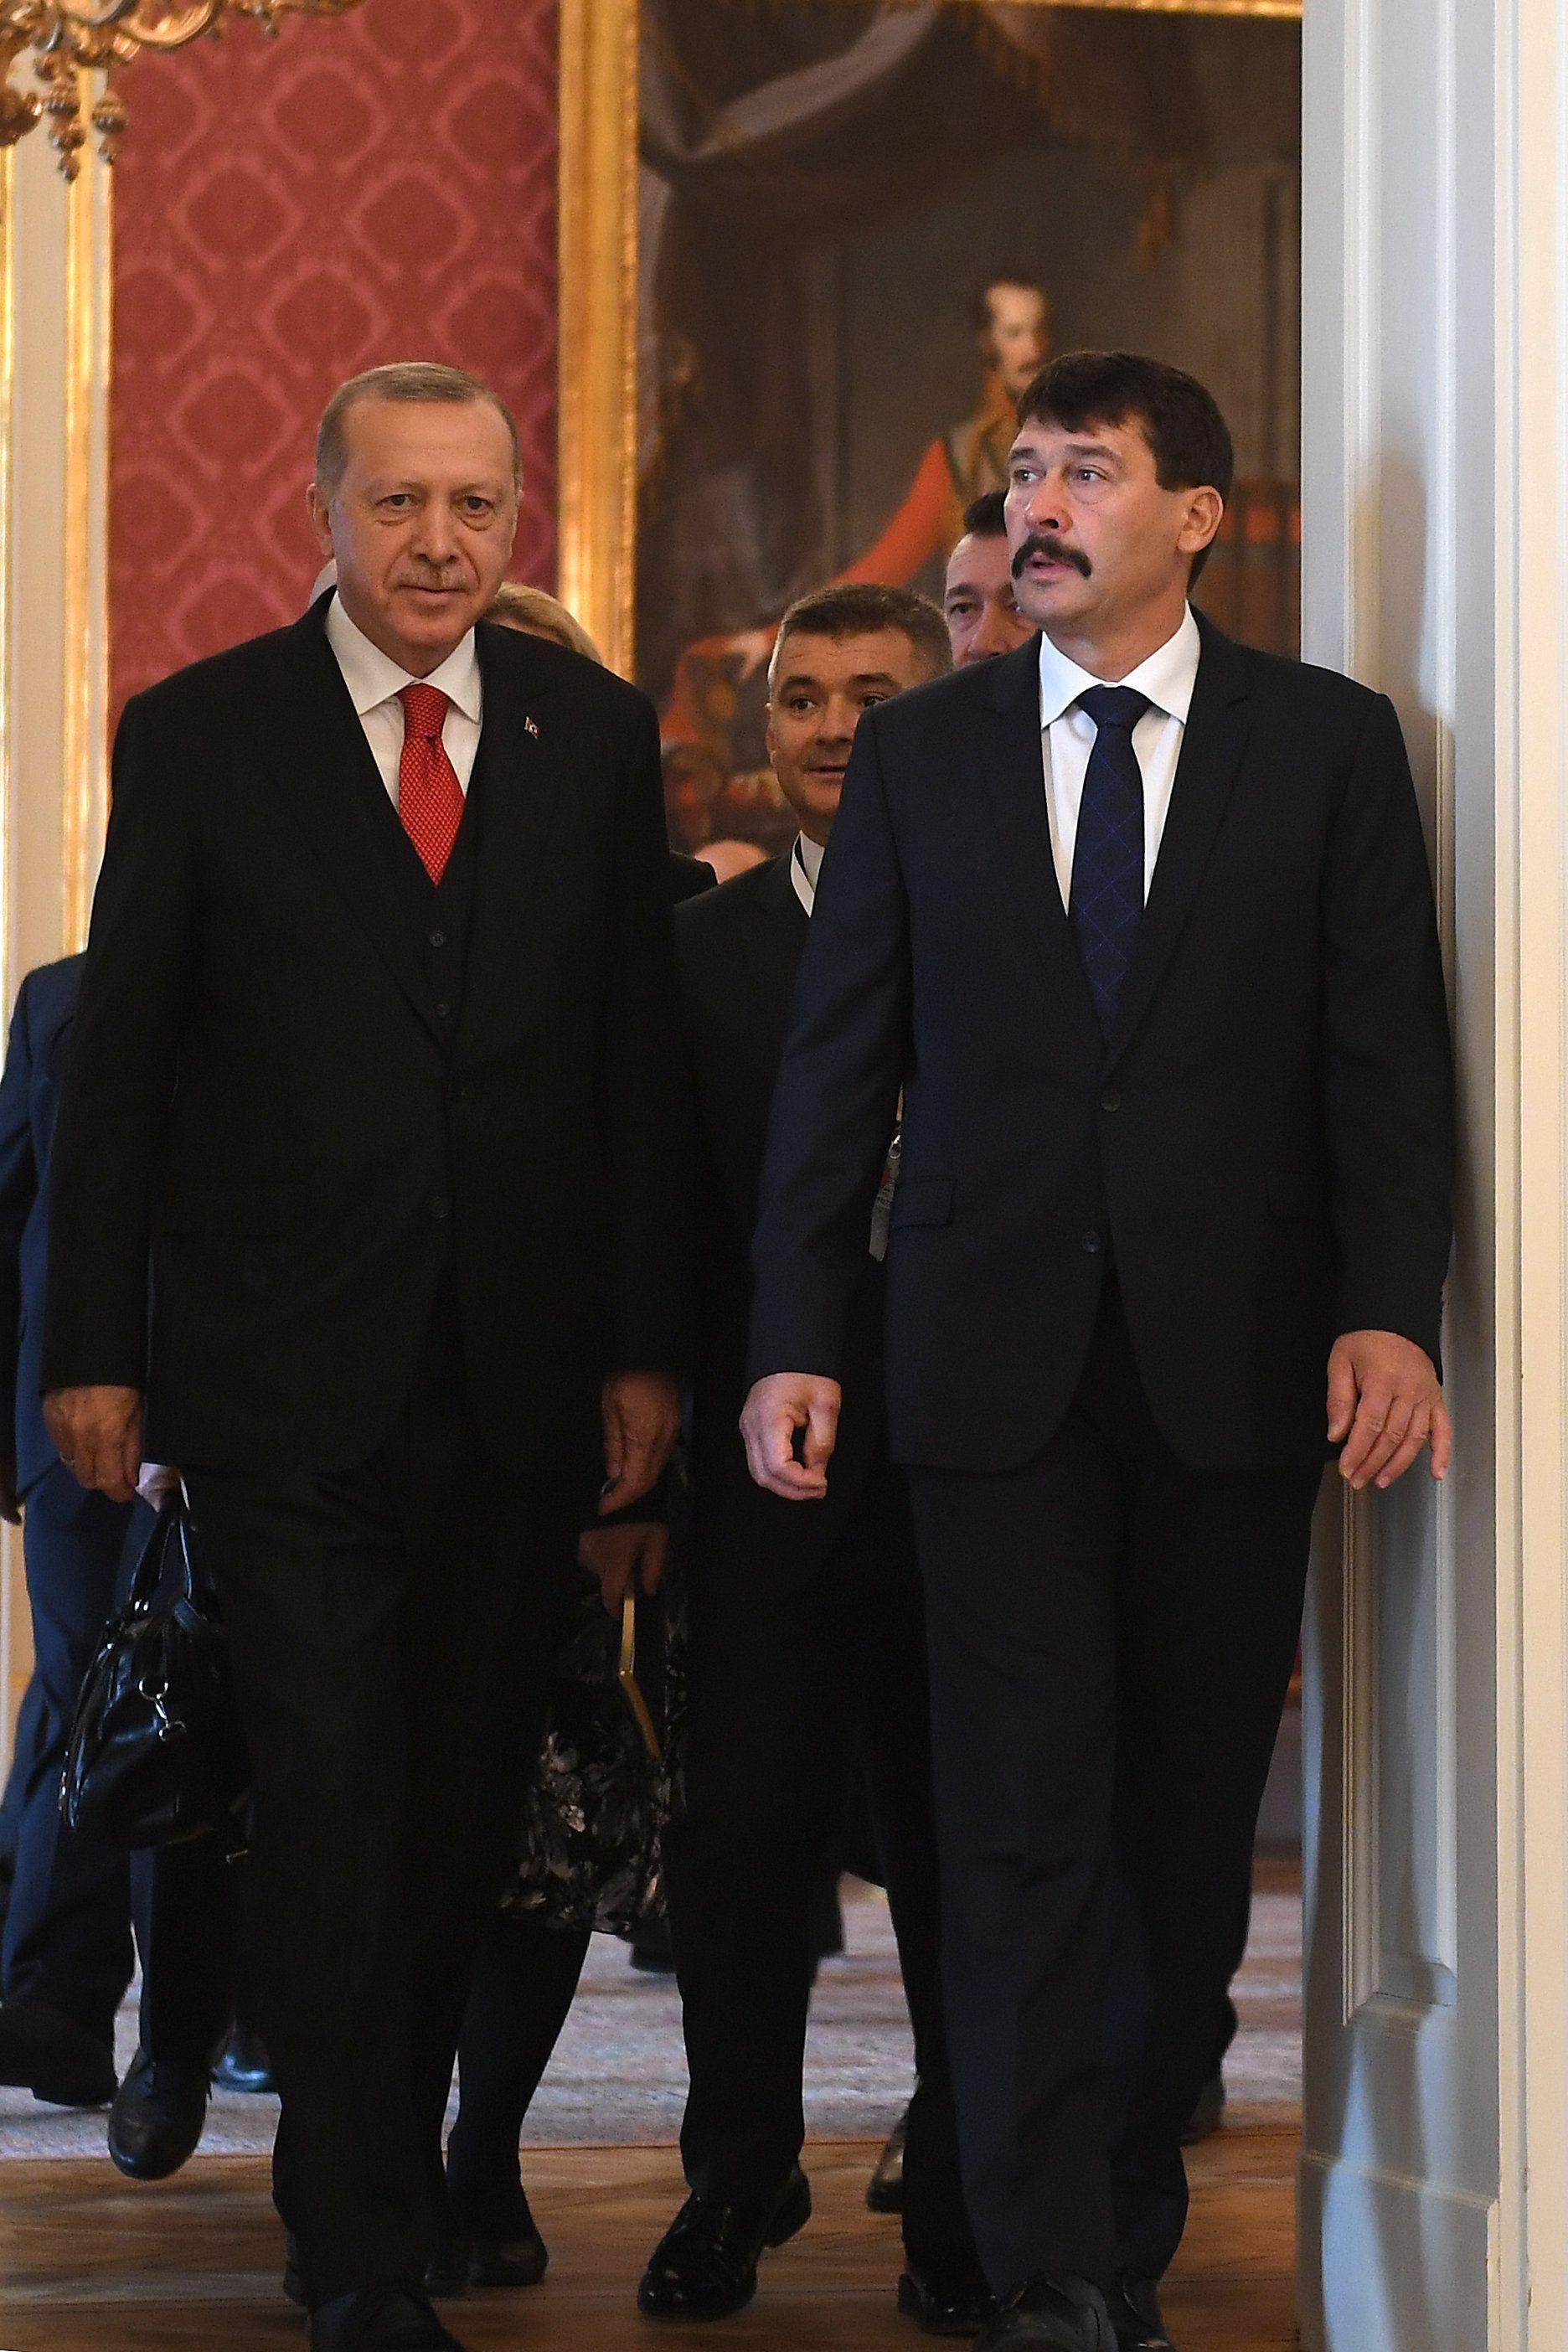 Megérkezett Erdogan Budapestre – az első fotók